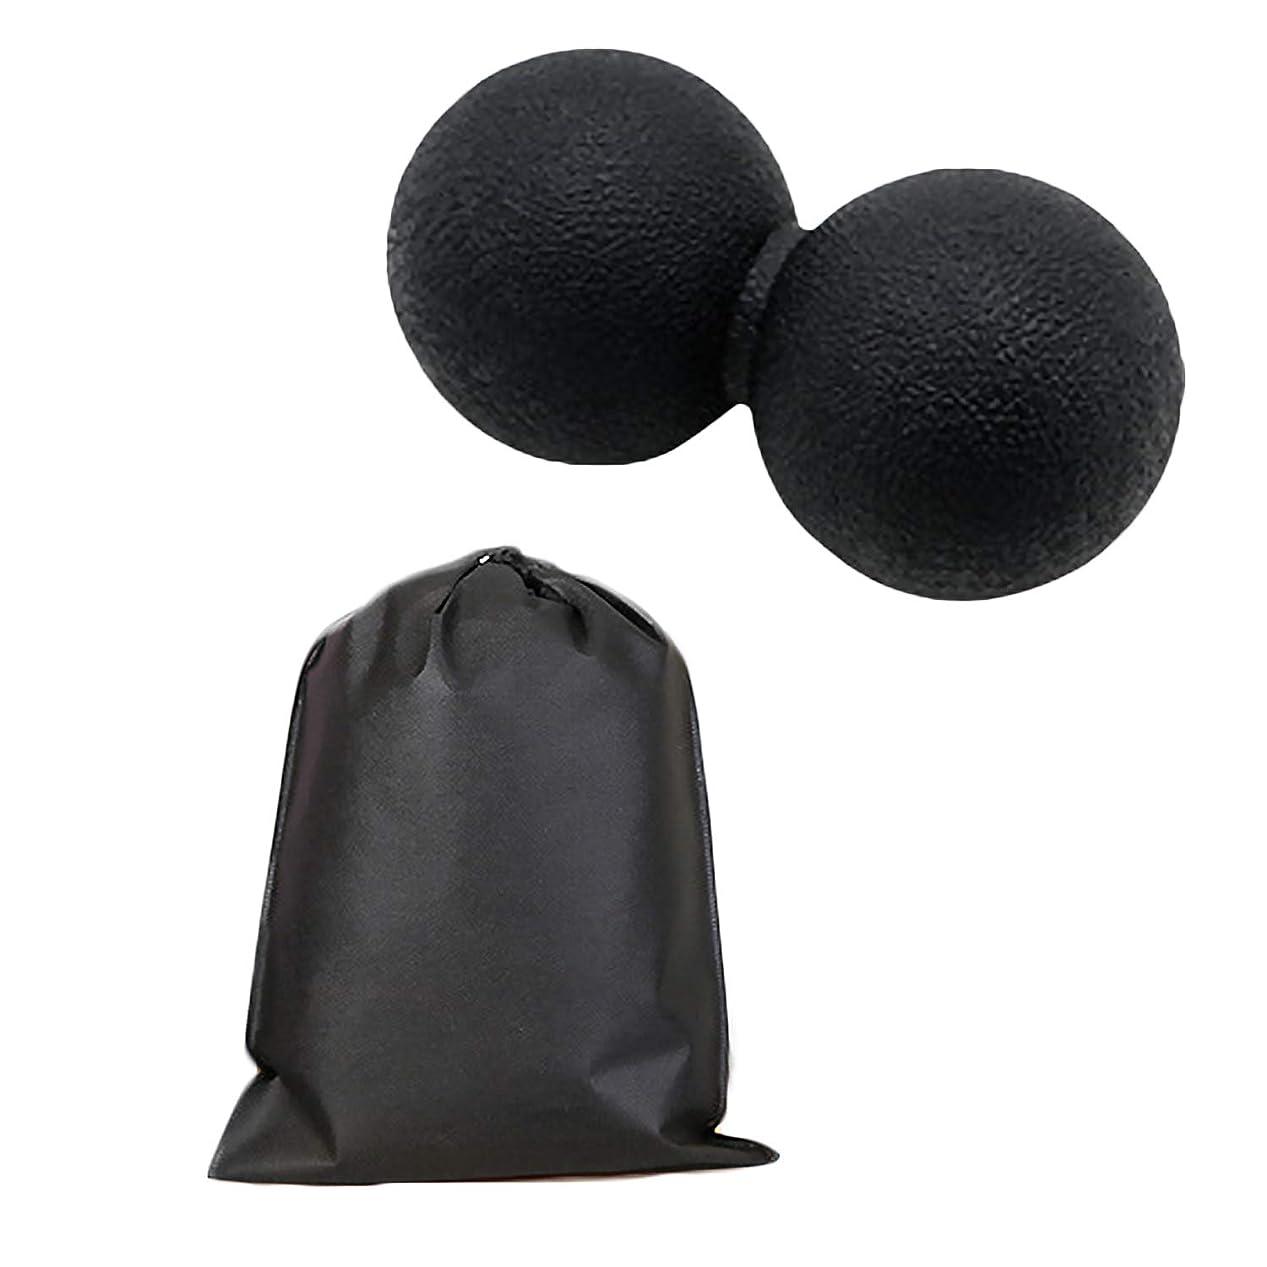 プレゼンタースケルトン公使館Migavan マッサージボールローラーバックマッサージボール収納袋が付いているピーナツマッサージのローラーボールのマッサージャー